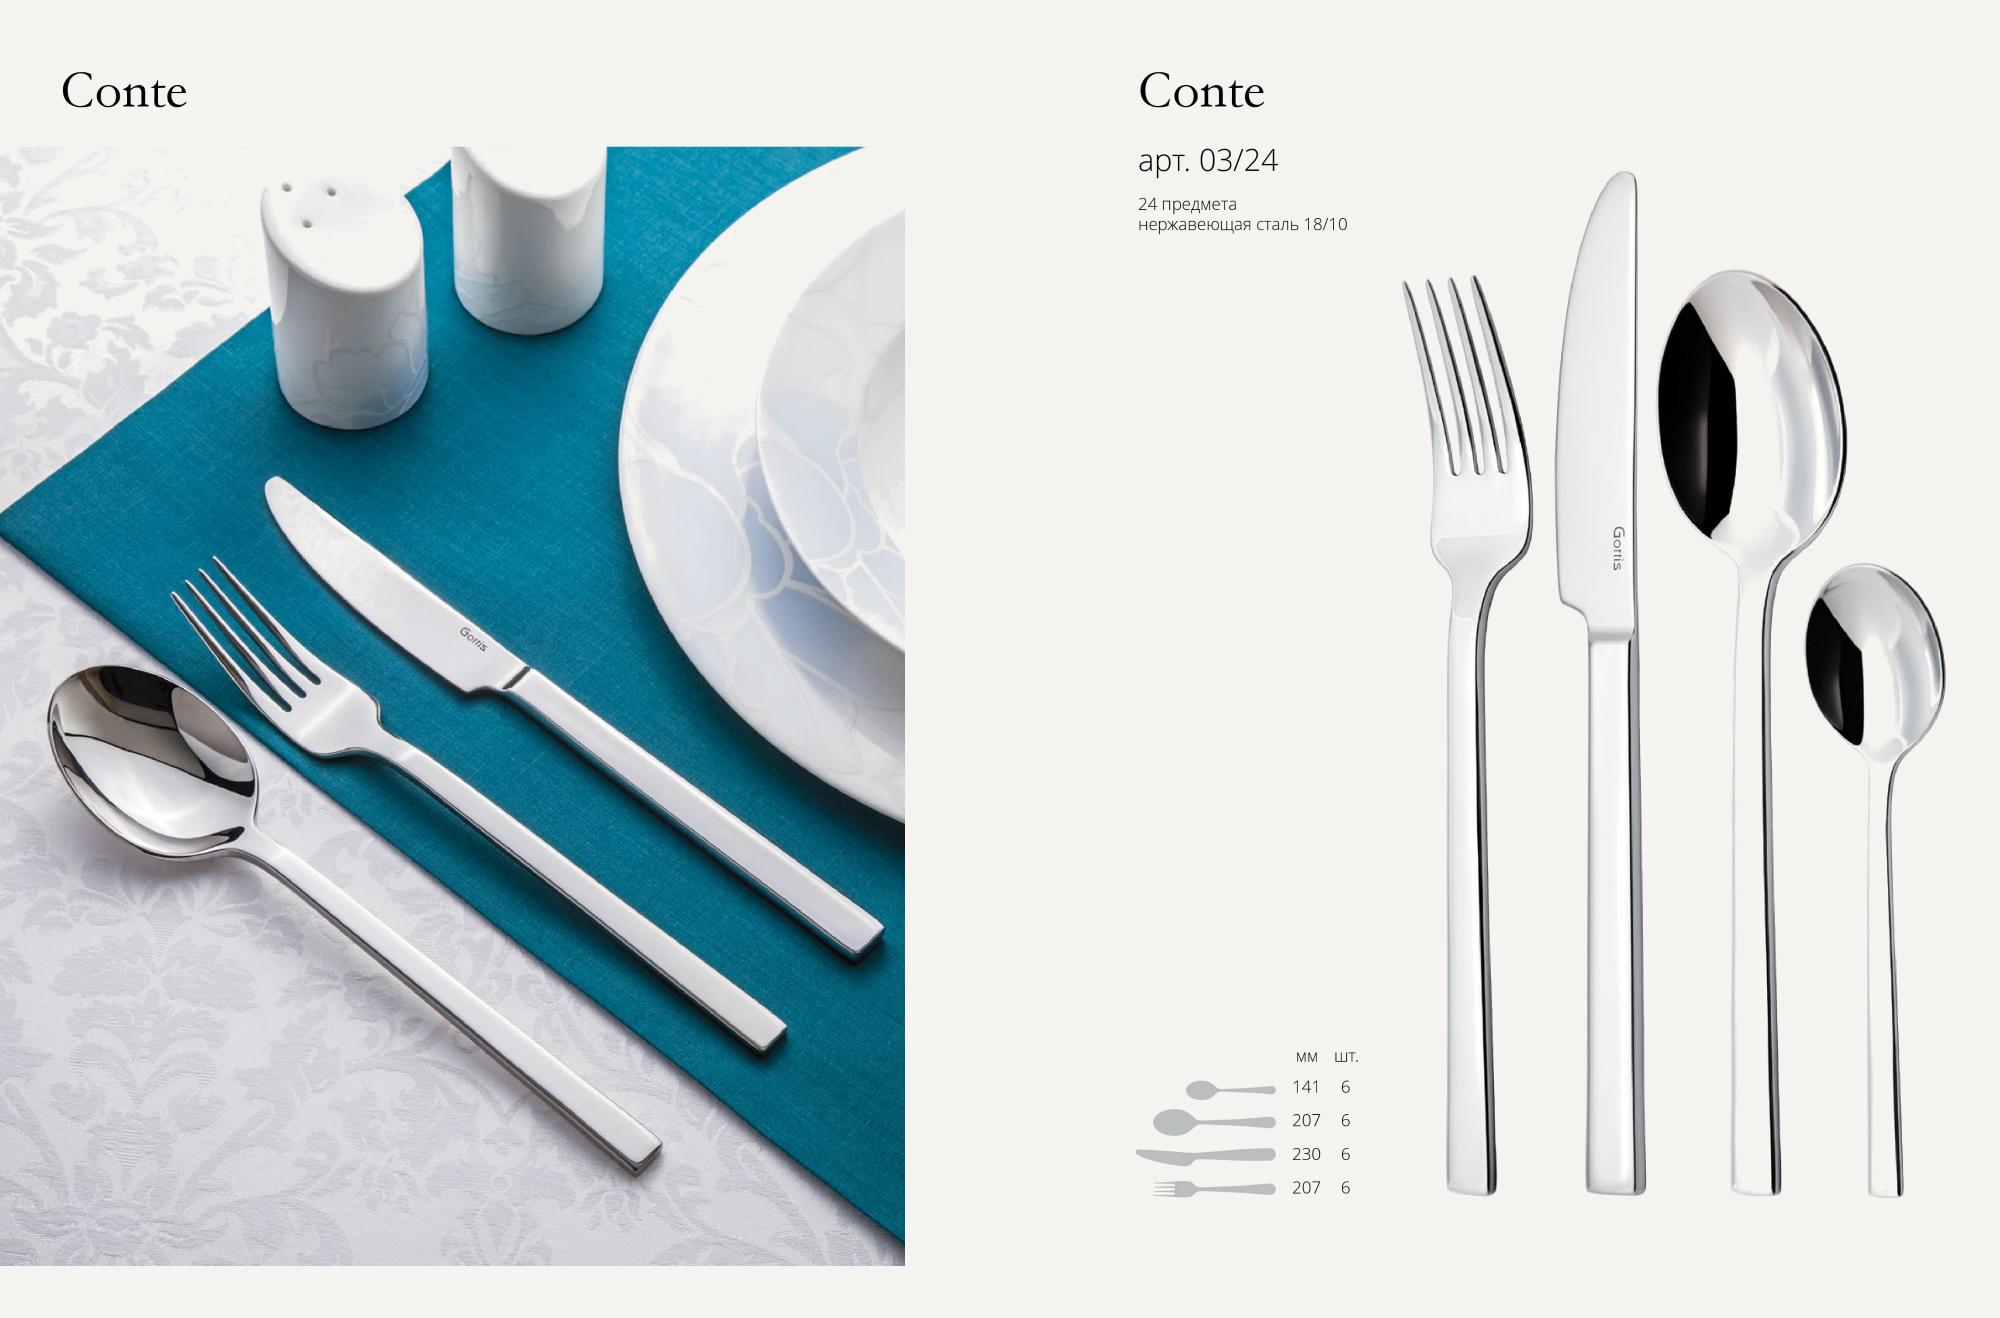 Набор столовых приборов (24 предмета / 6 персон) Gottis Conte 03/24Столовые приборы Gottis<br>Набор столовых приборов (24 предмета/6 персон) Gottis Conte 03/24<br><br>Комплектация 24 предмета:<br><br> нож столовый 230 мм - 6 шт.<br> ложка столовая 207 мм - 6 шт.<br> вилка столовая 207 мм - 6 шт. <br>ложка чайная 141 мм - 6 шт.<br><br>Историческая провинция Франции Франш-Конте стала прообразом столовых приборов «Conte». Приборы Сonte лаконичны, но в то же время так элегантны! Их сбалансированные и элегантные пропорции сочетают в себе естественность и максимальную функциональность. Они подойдут как для особого случая, так и для повседневного ужина в кругу семьи.<br>Подходит для использования в посудомоечной машине.<br>